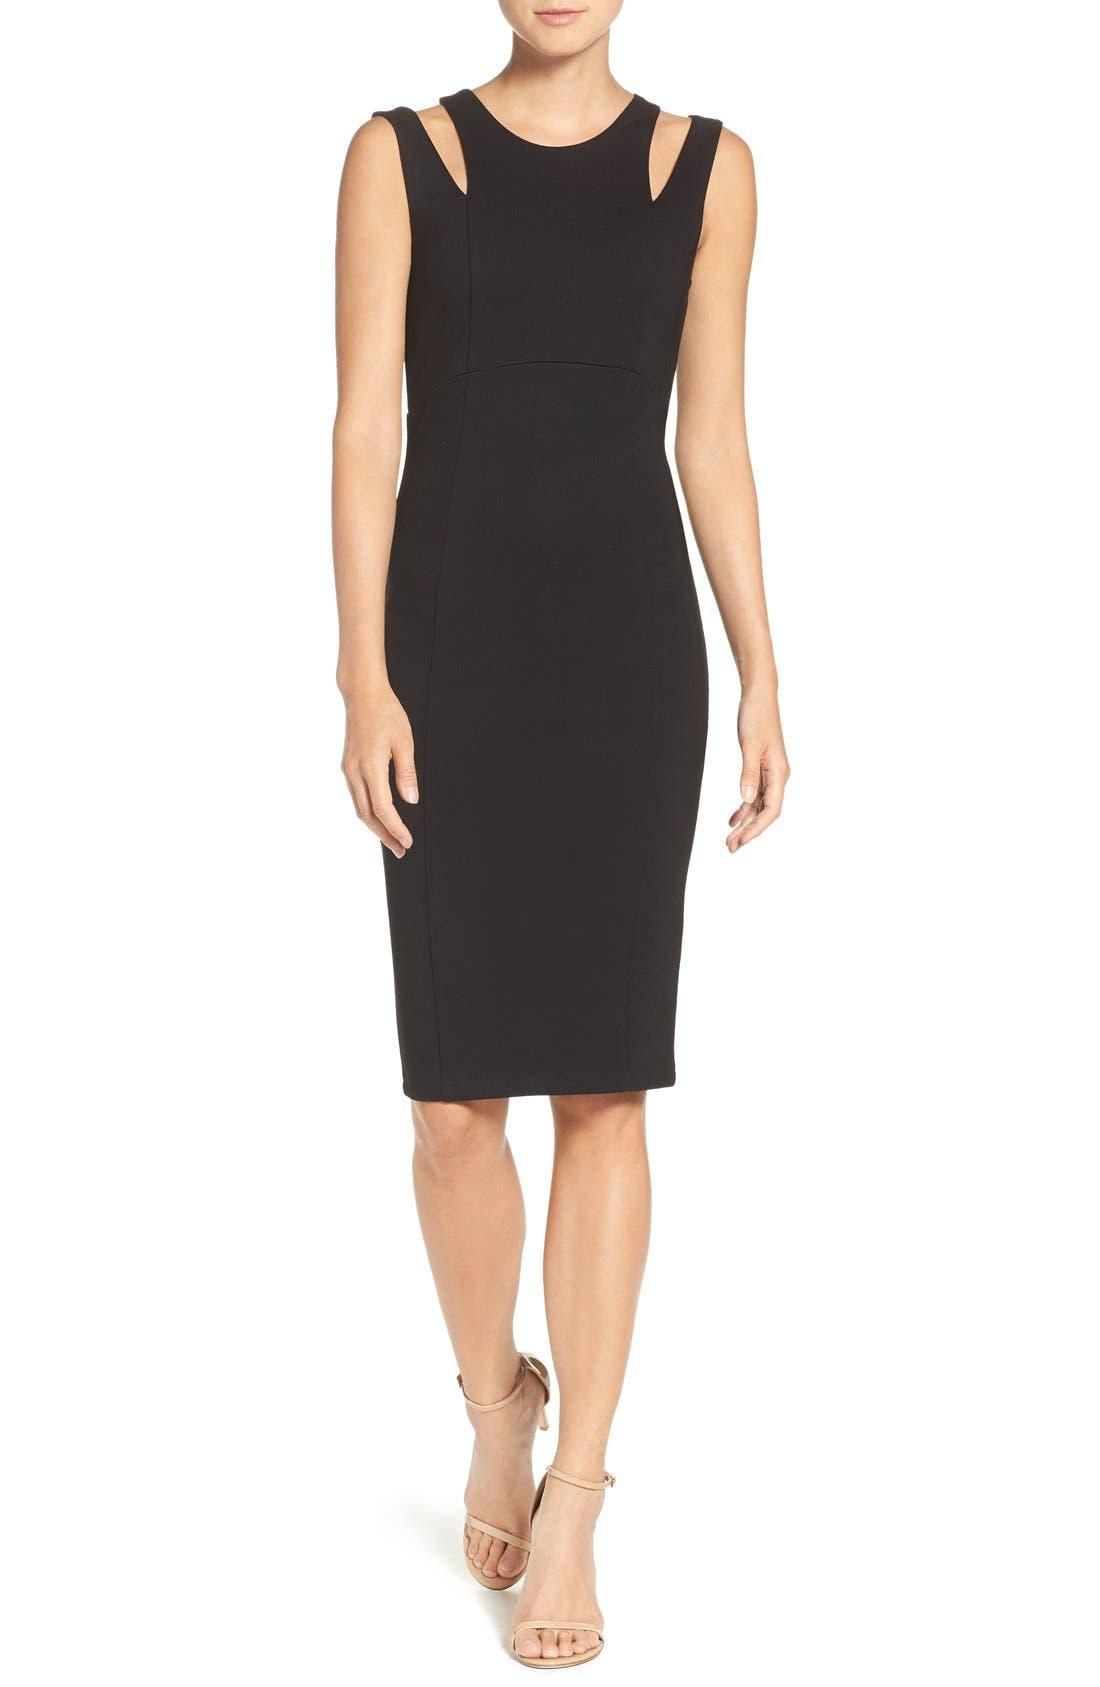 FELICITY & COCO, Shoulder Detail Ponte Sheath Dress, Main thumbnail 1, color, 001